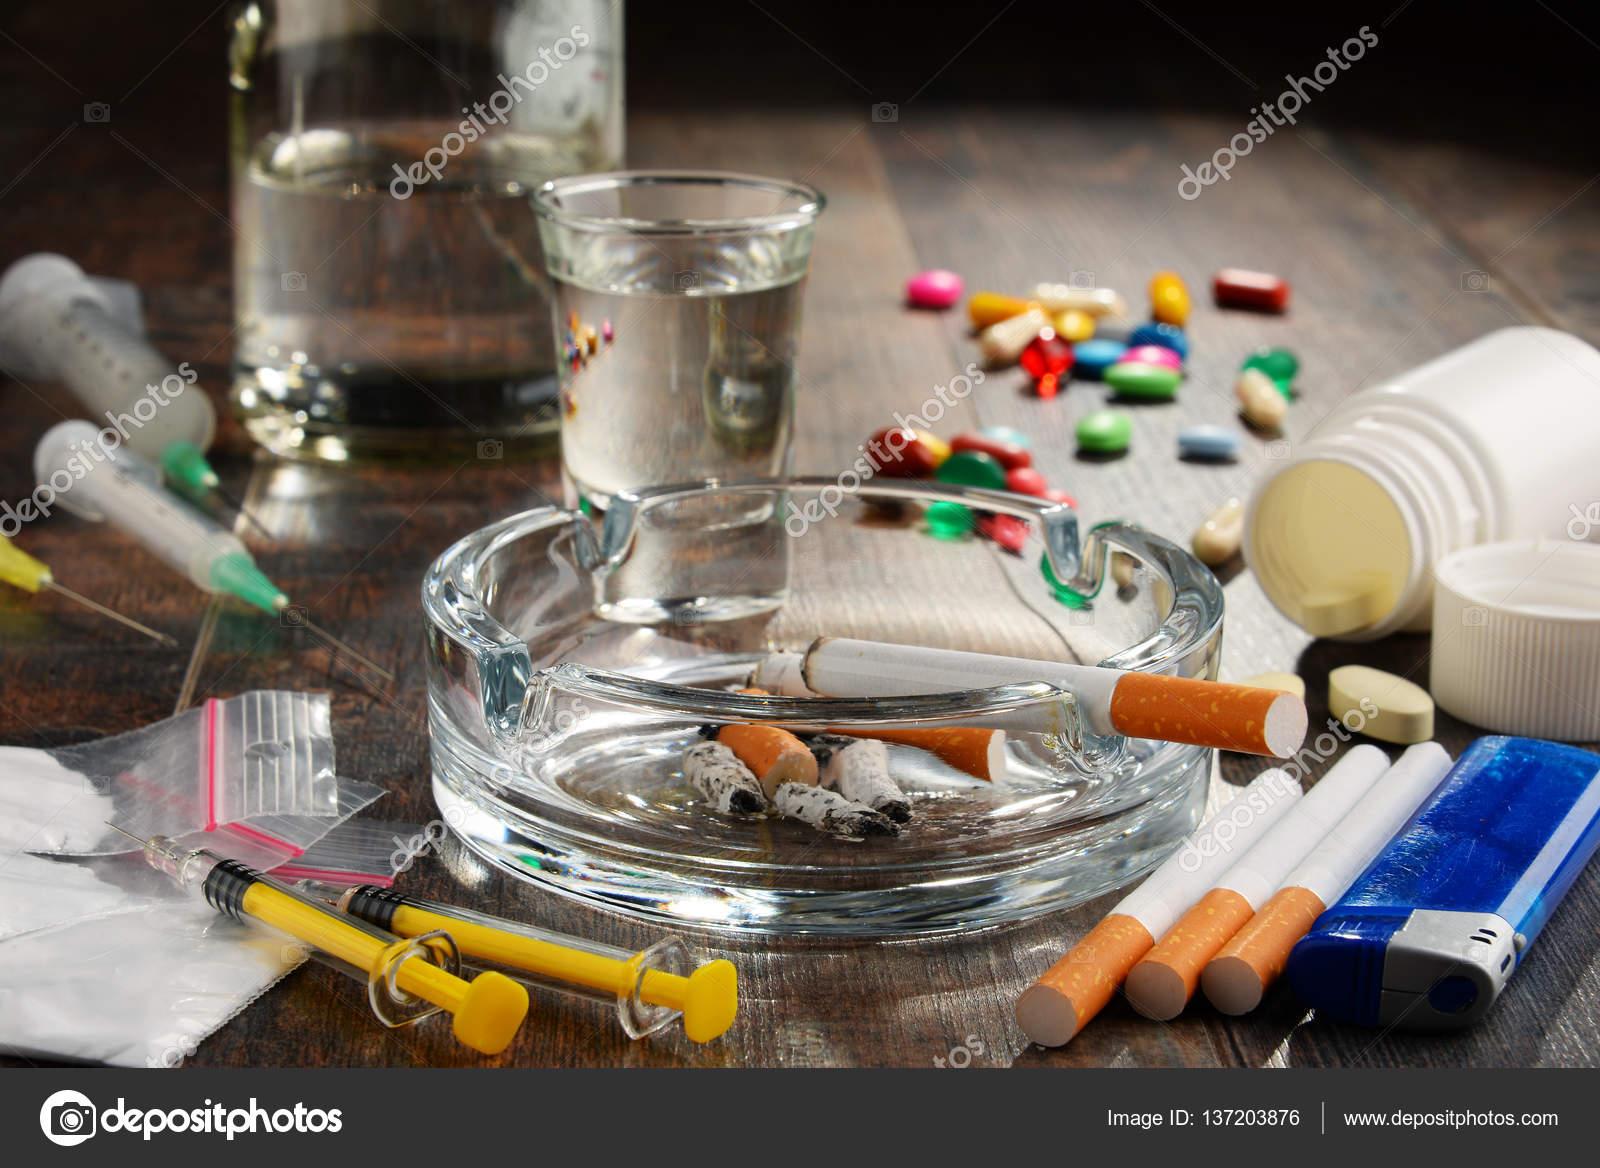 Clarificação fumante deixada de um organismo de nicotina